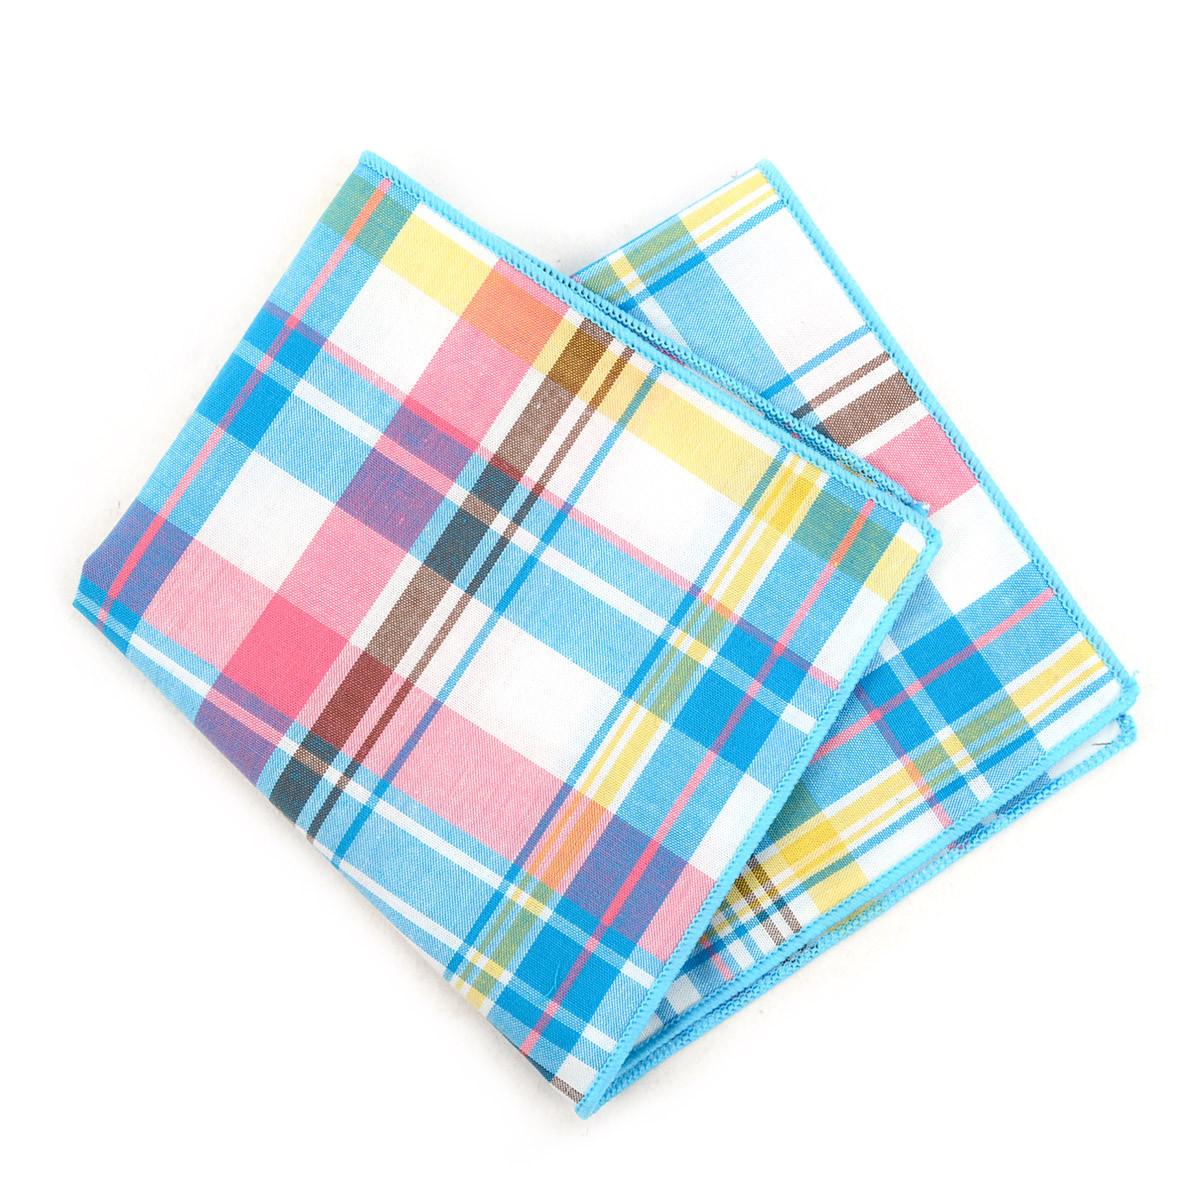 12pc Pastel Color 100% Cotton Plaid Pocket Square Handkerchiefs - CH1715